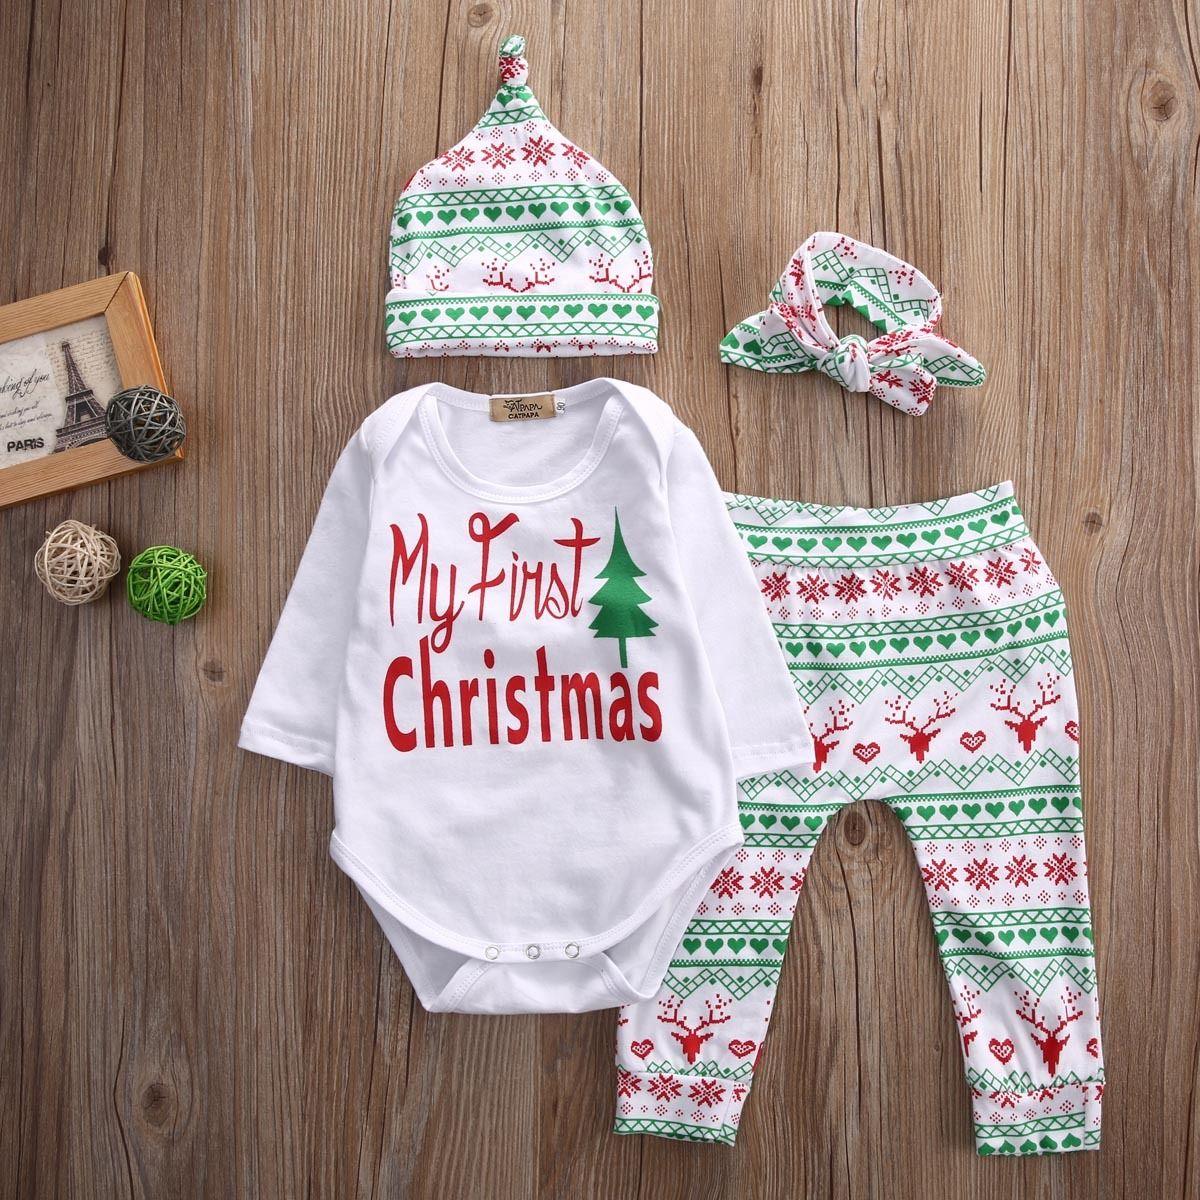 newborn baby boy clothes etsy anlis